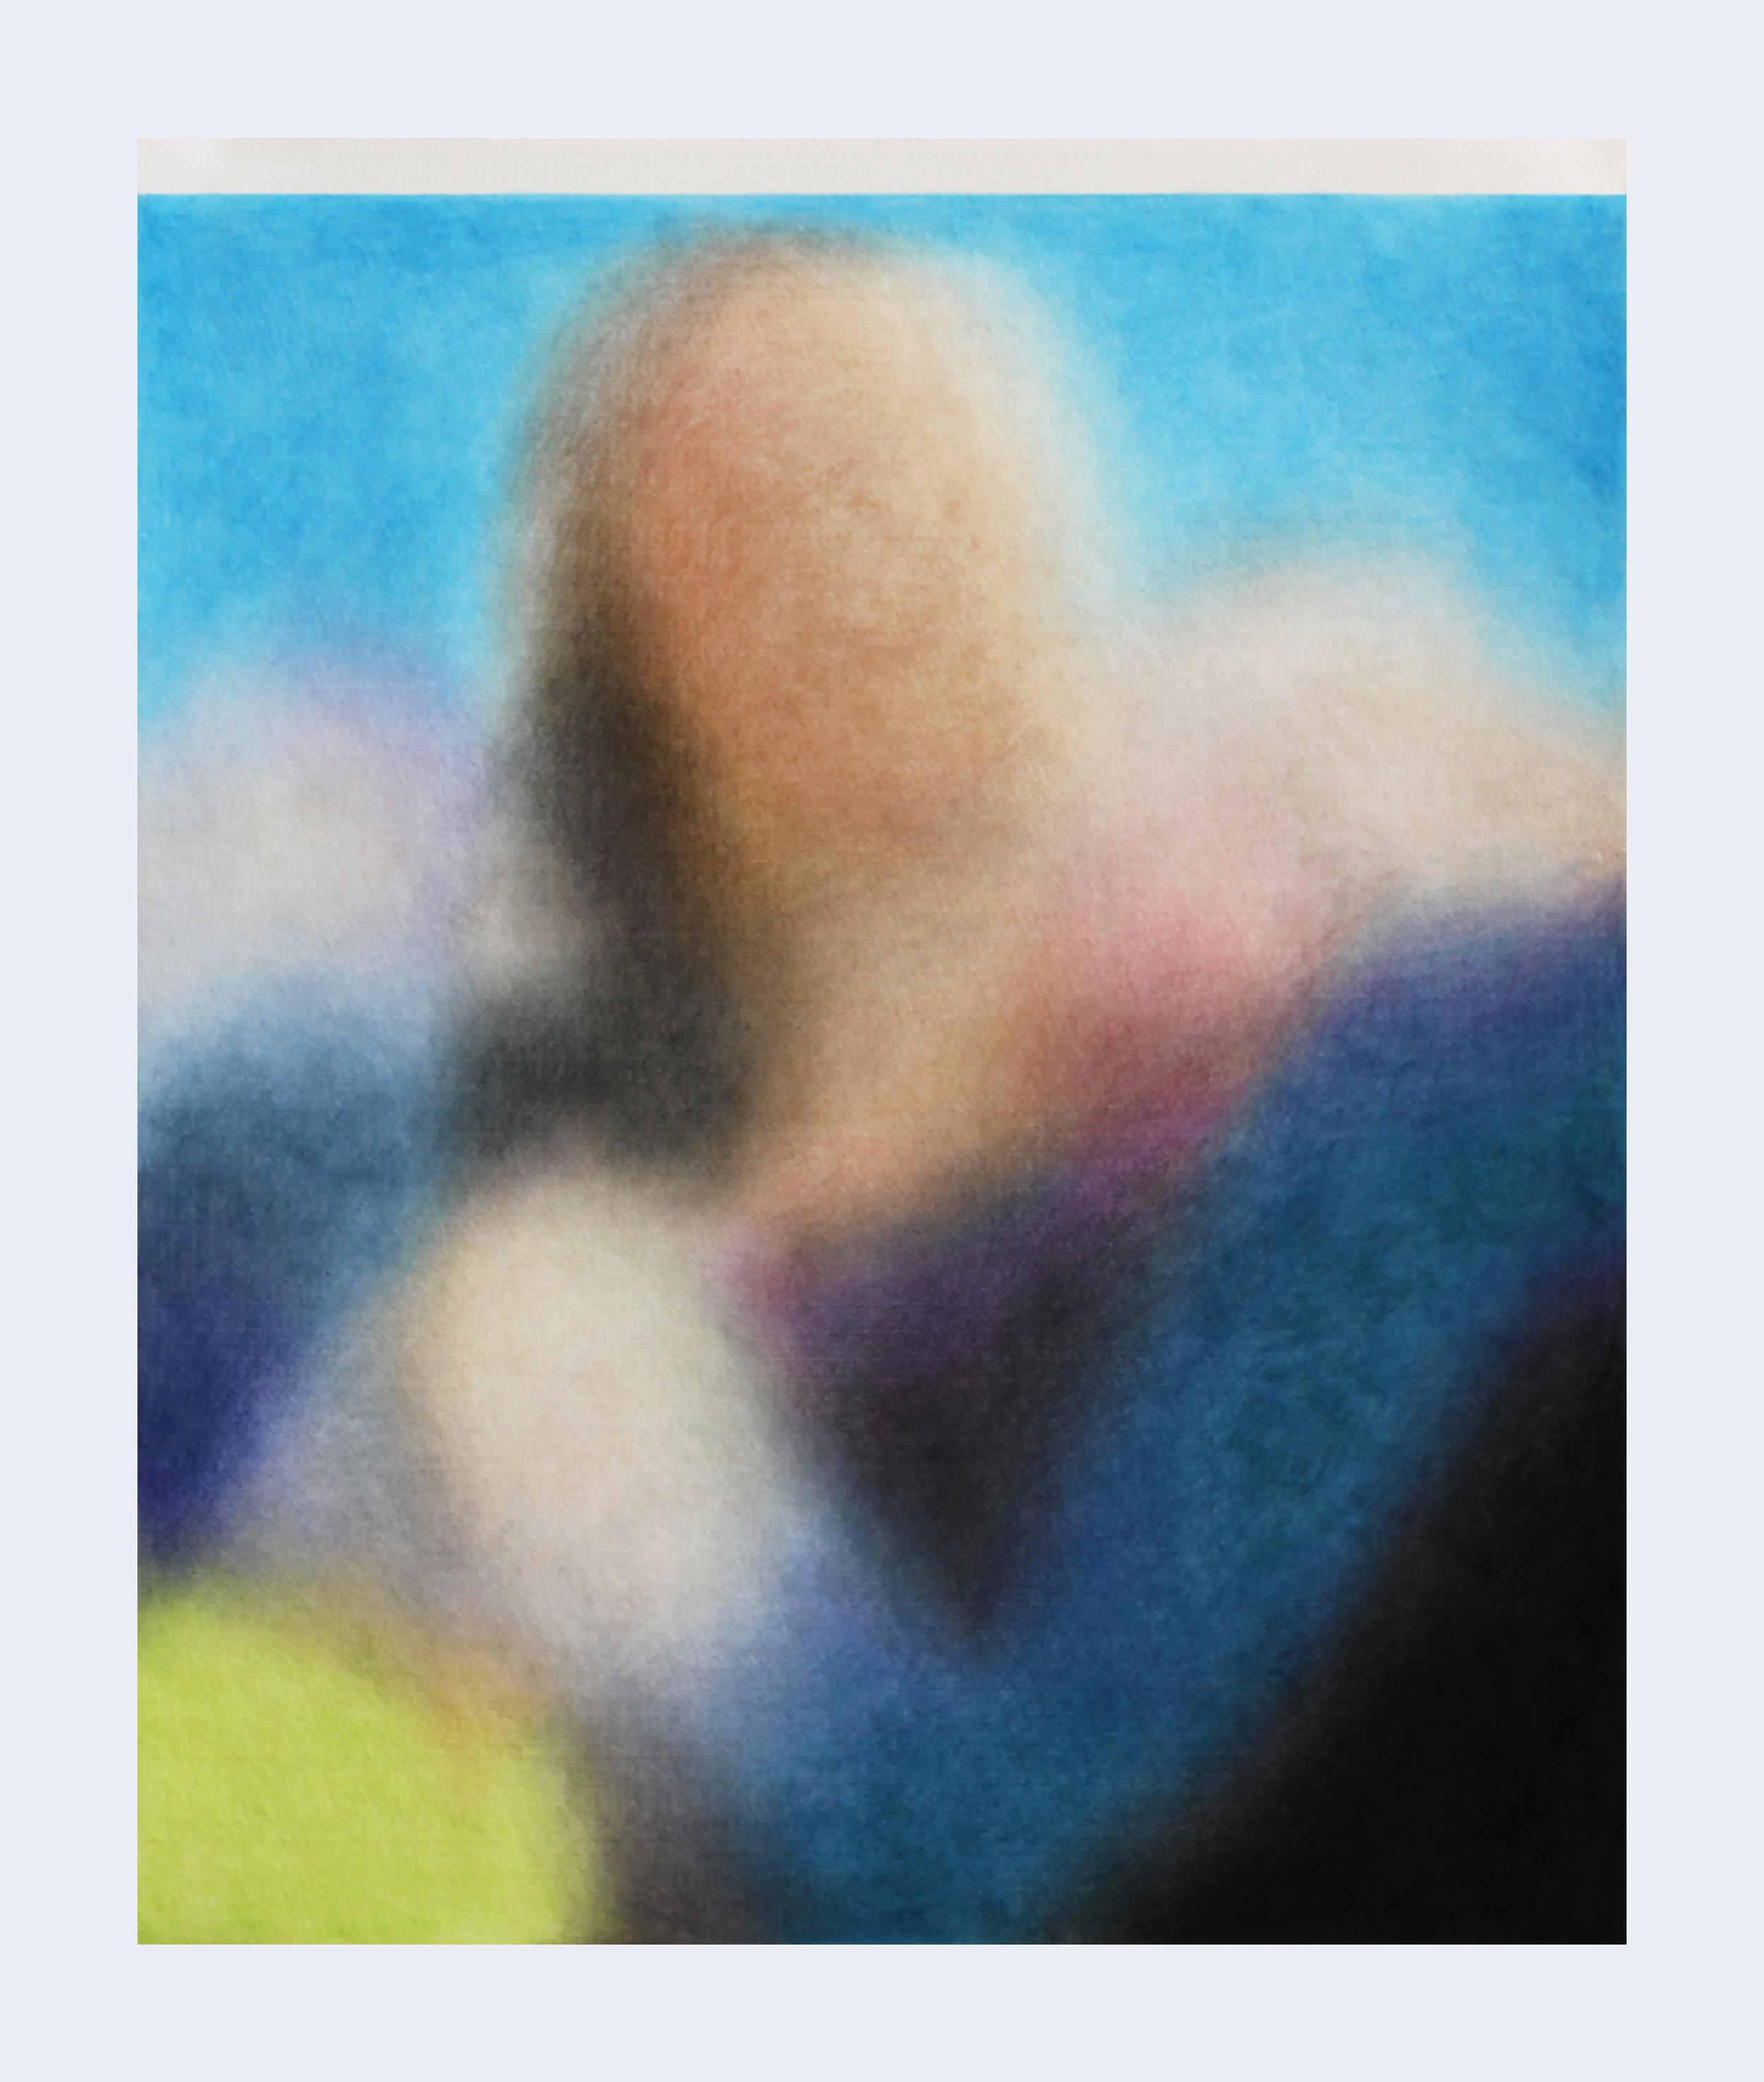 Série ''Relatives''- « Duhok , Irak, 4 mars 2019 »  Drawing with color pencil on felt   Dessin aux crayons de couleur sur feutre 50x60cm 2019